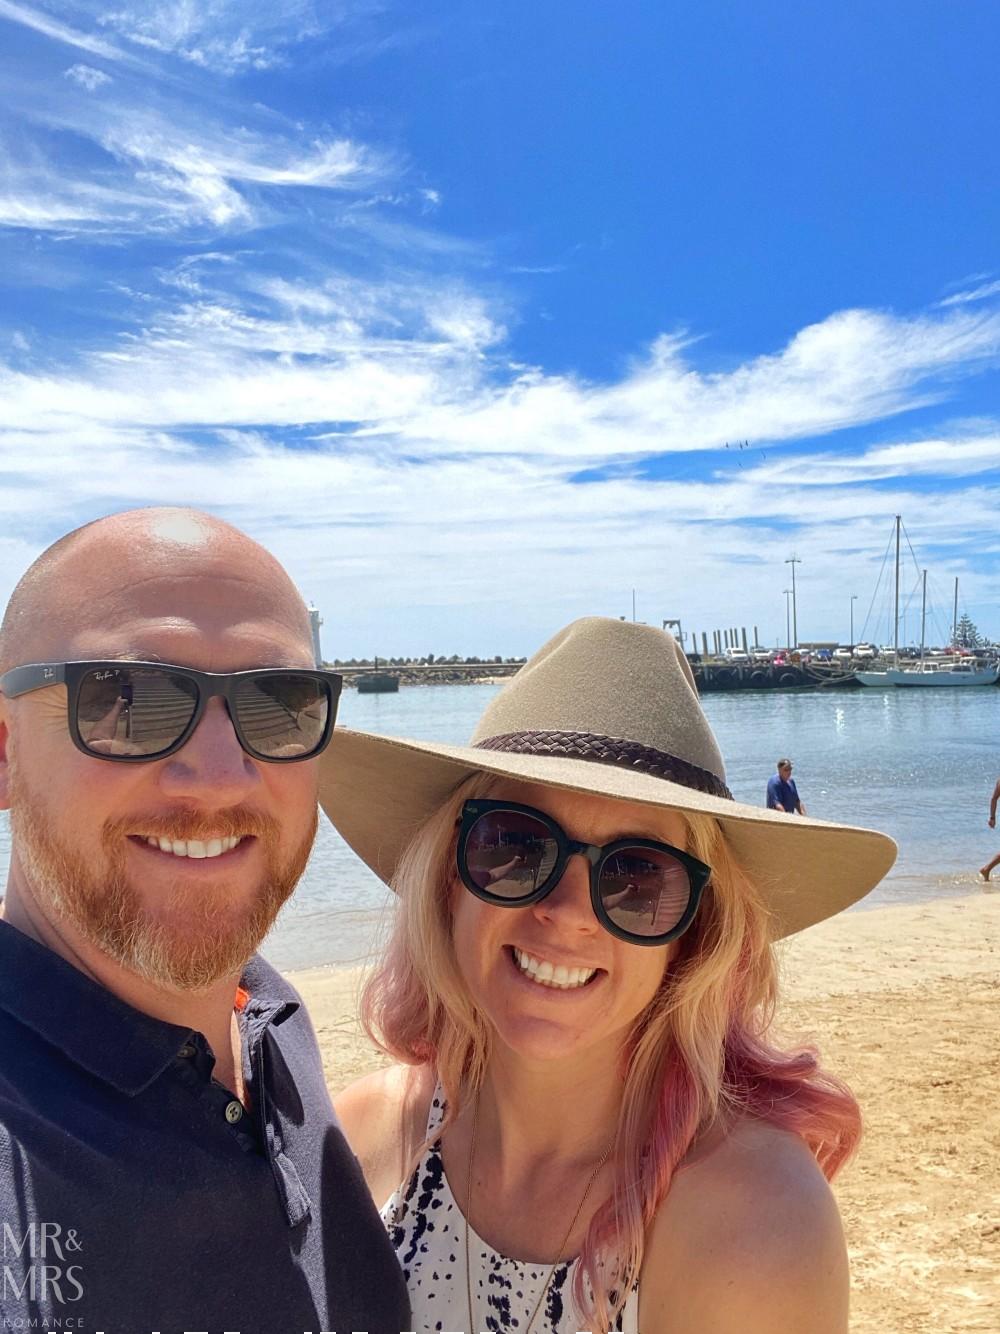 Us at Wollongong beach